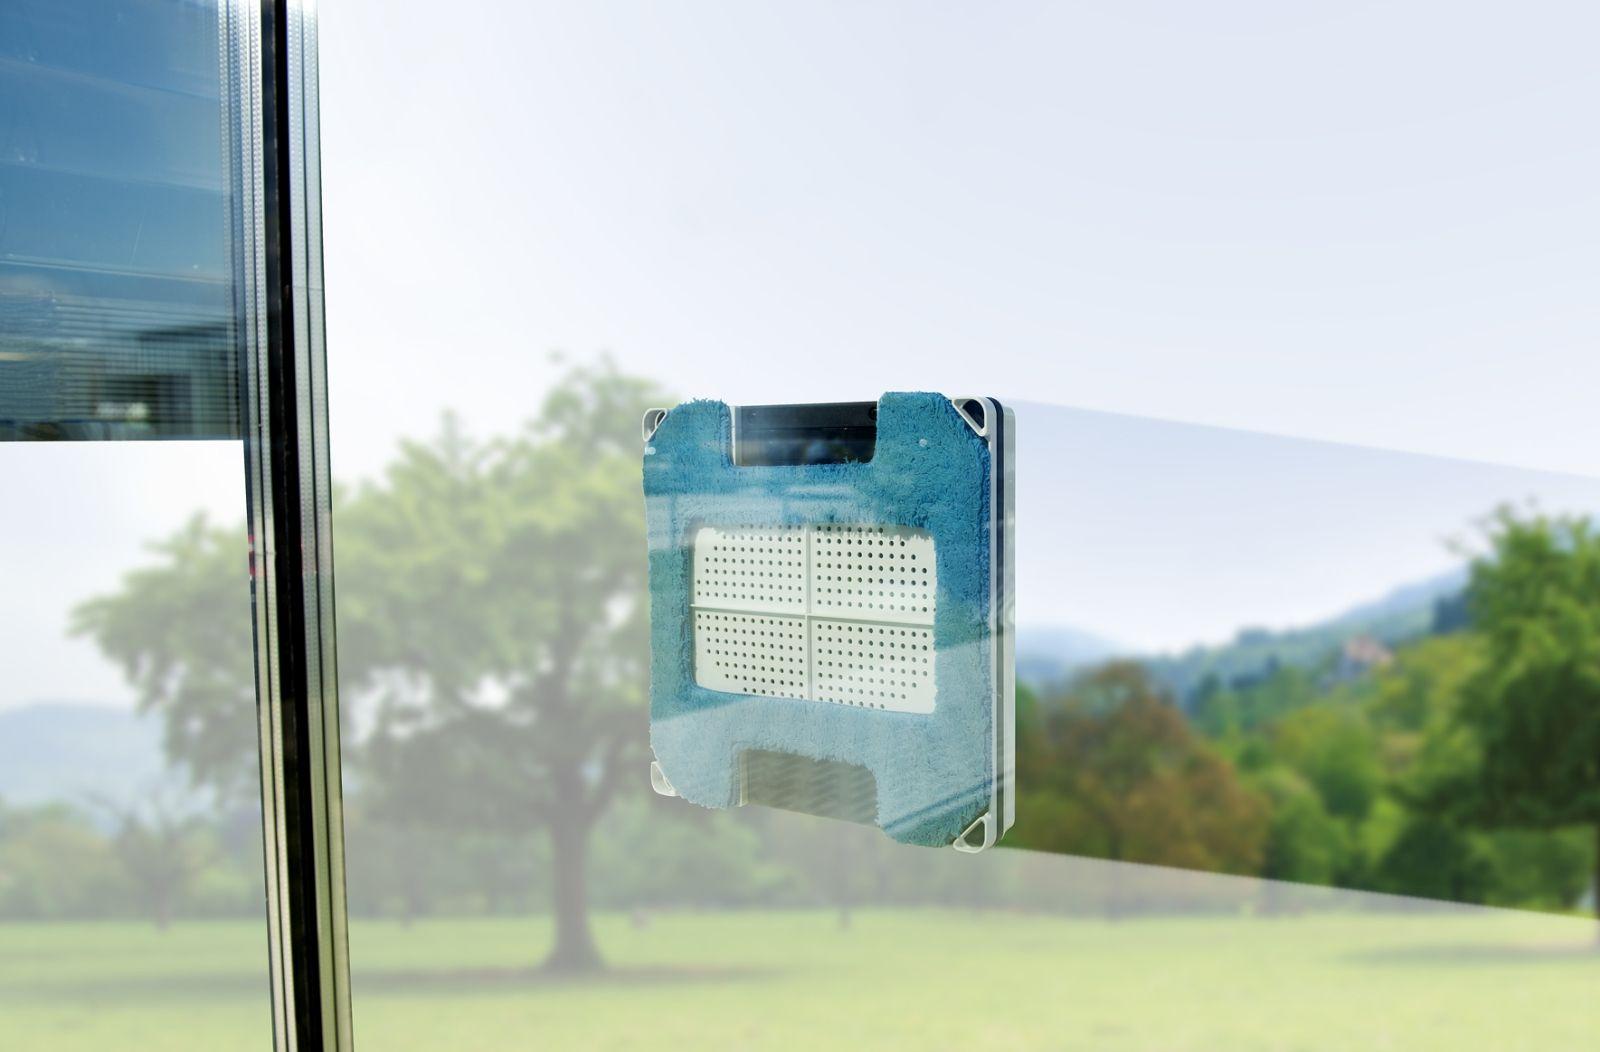 Rahmenlose Fenster selbst rahmenlose fenster sind für den sichler fensterputzroboter pr